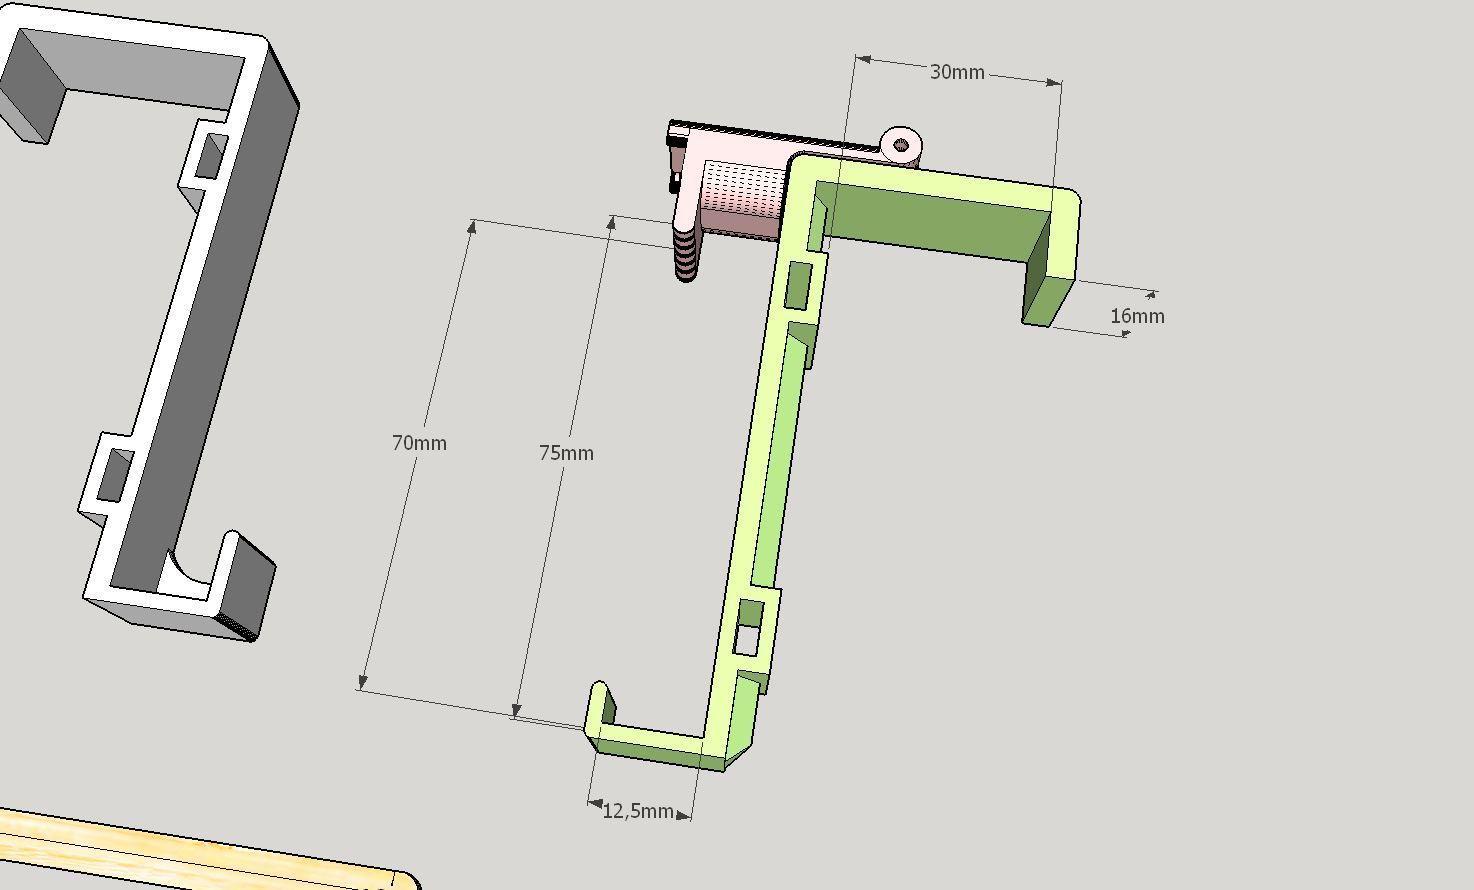 2019-09-21_11_05_00-Untitled_-_SketchUp_Make_2016.jpg Télécharger fichier STL gratuit Support de téléphone pour lit IKEA STUVA / FRITIDS • Plan pour impression 3D, Milan_Gajic